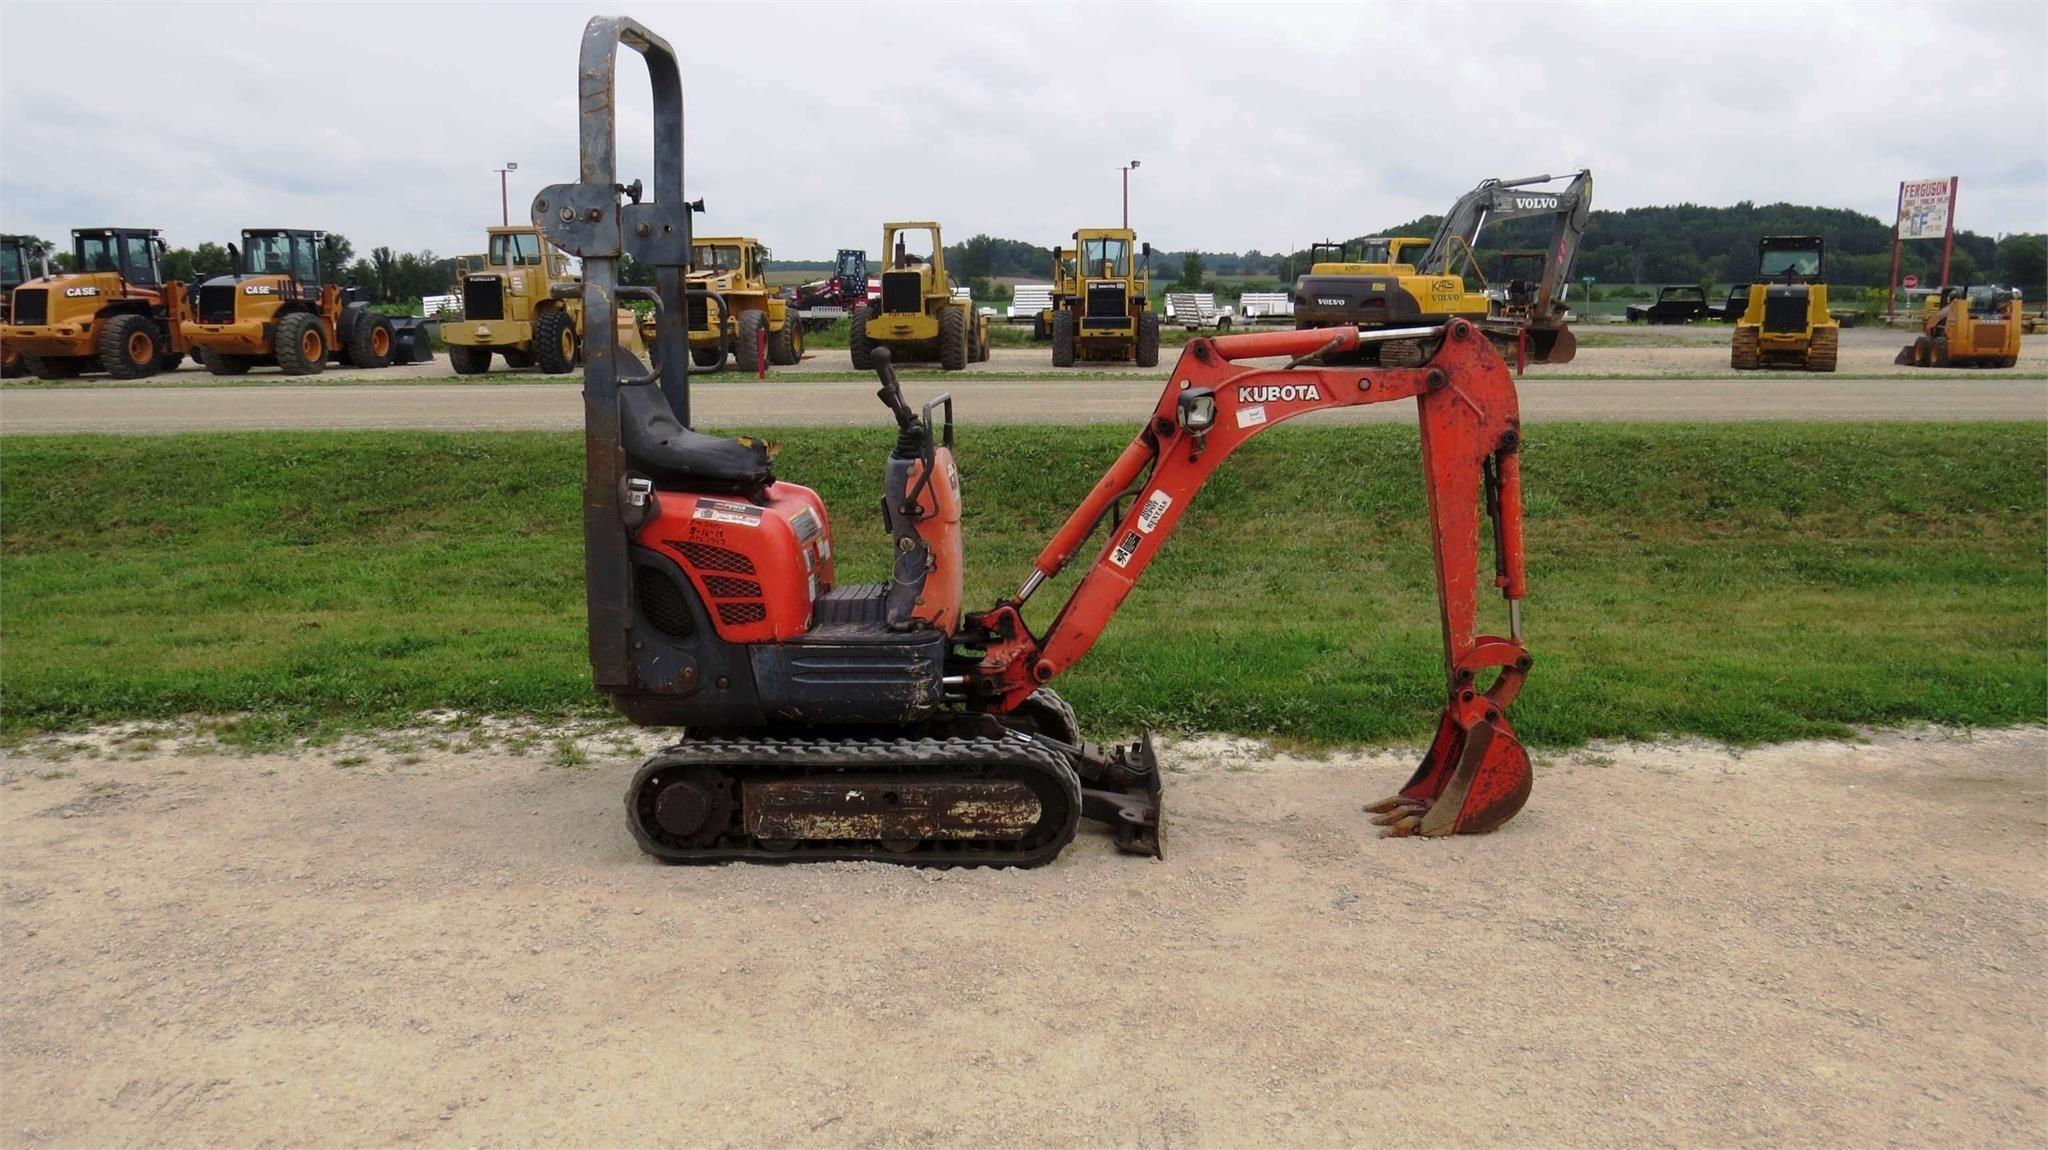 2012 Kubota K008-3 Excavators and Mini Excavator